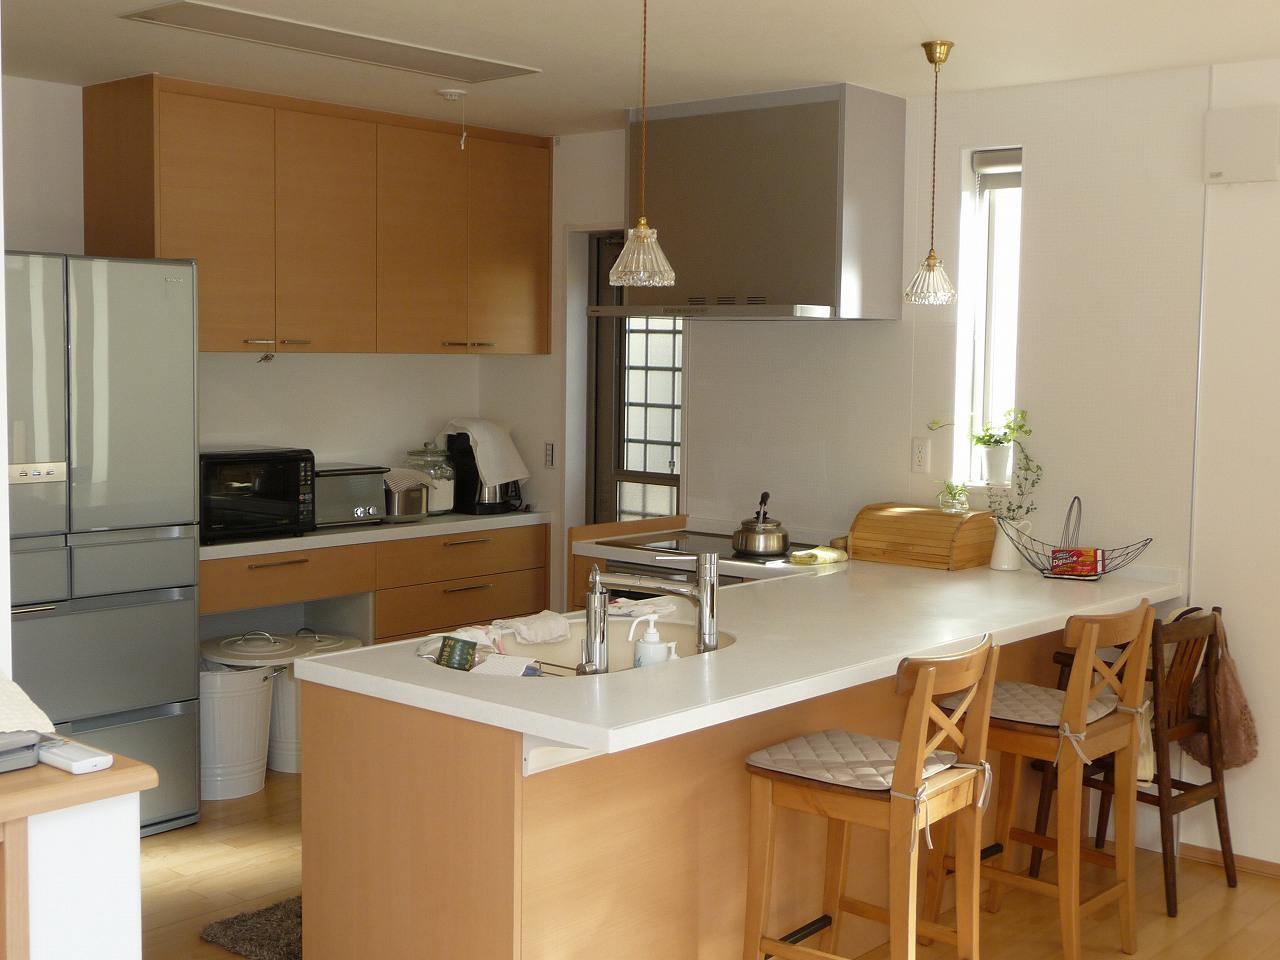 キッチン キッチンライト : コンコルディア照明|キッチン ...